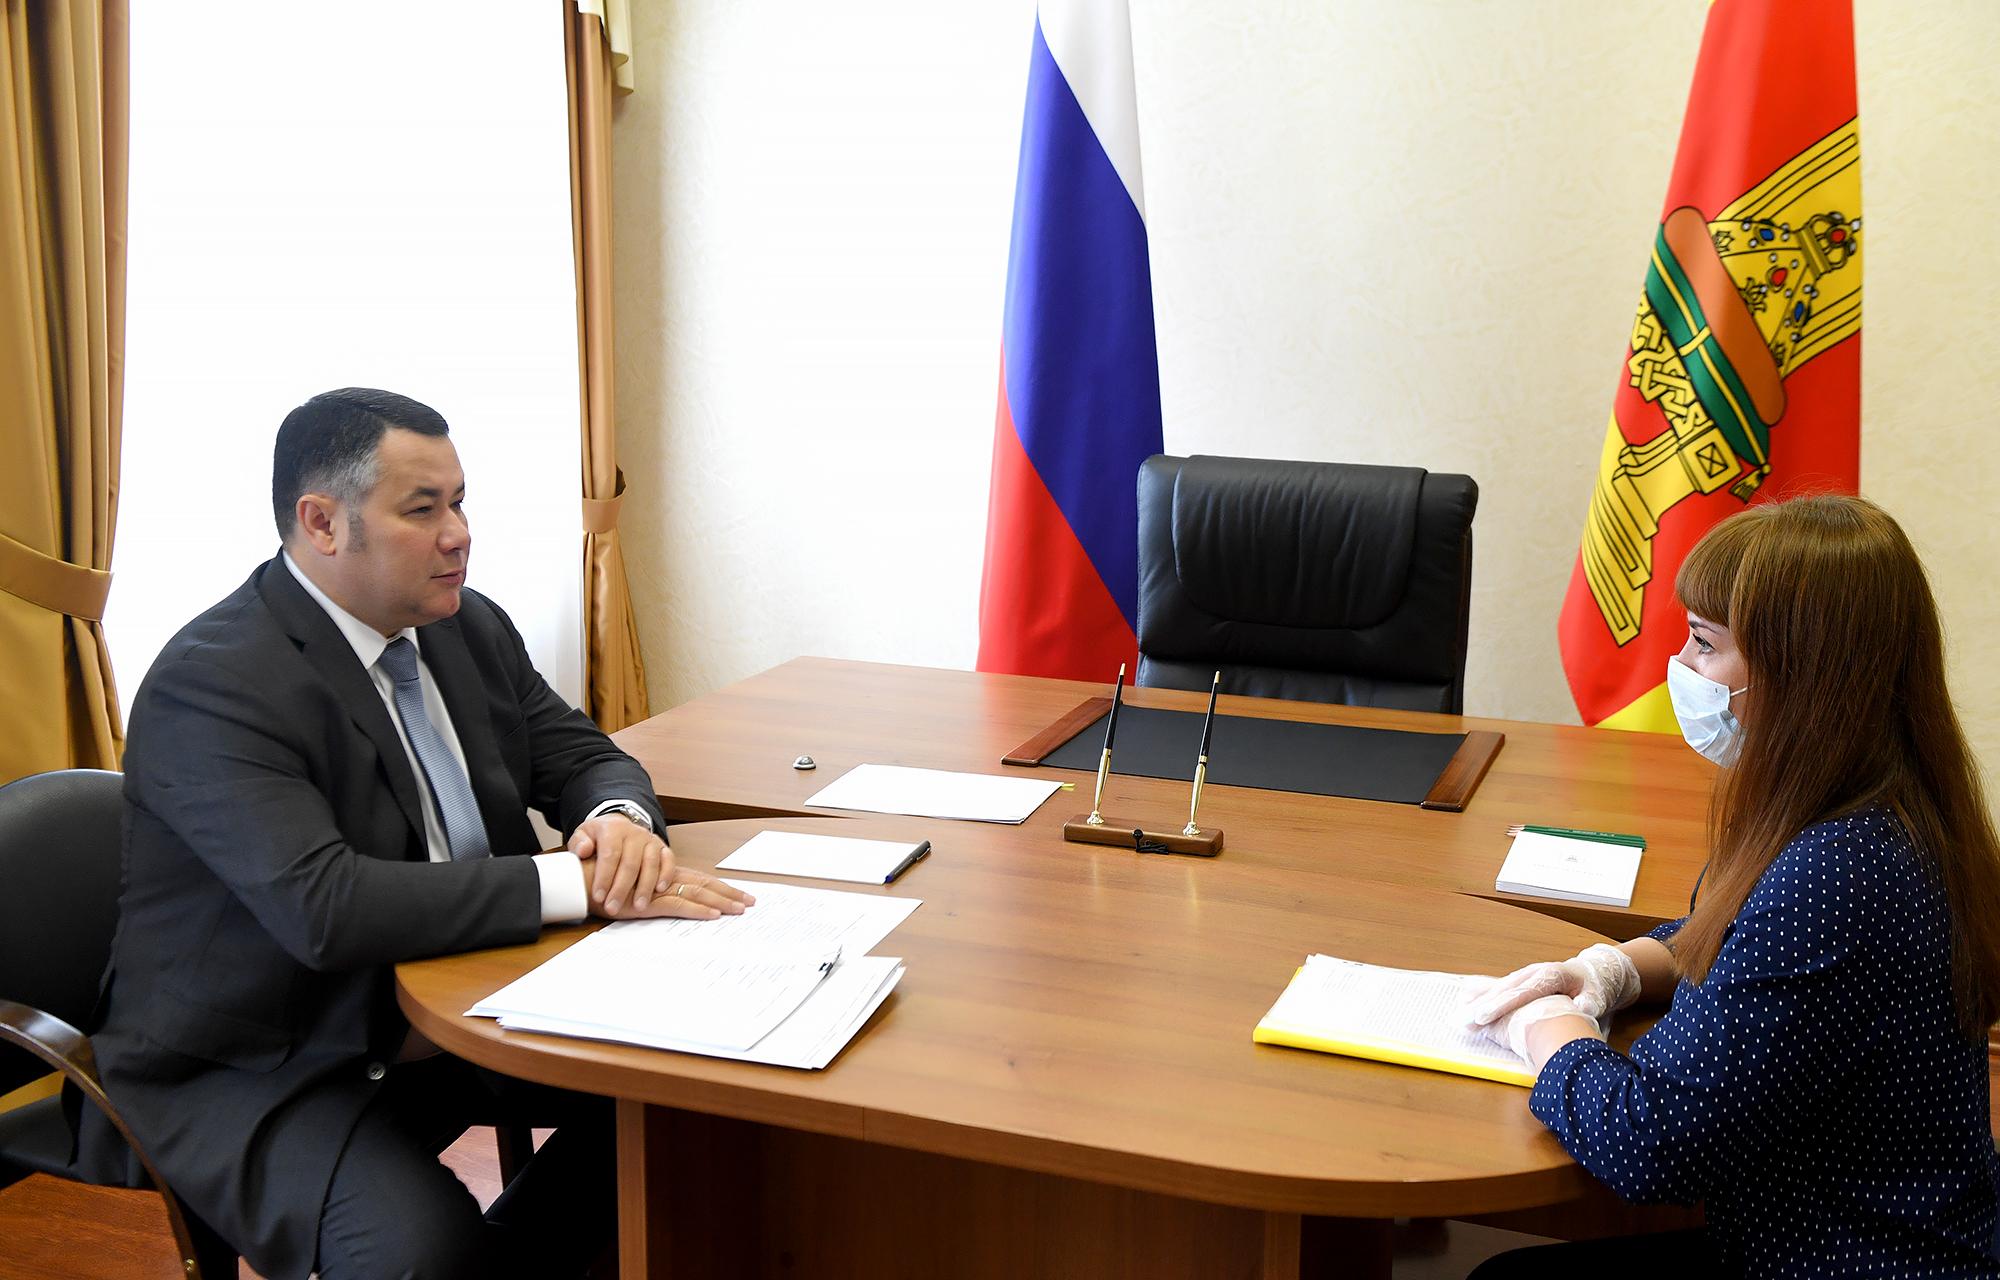 К губернатору Тверской области обратилась жительницамногоэтажки по вопросу проведения веёдоме ремонтакрыши